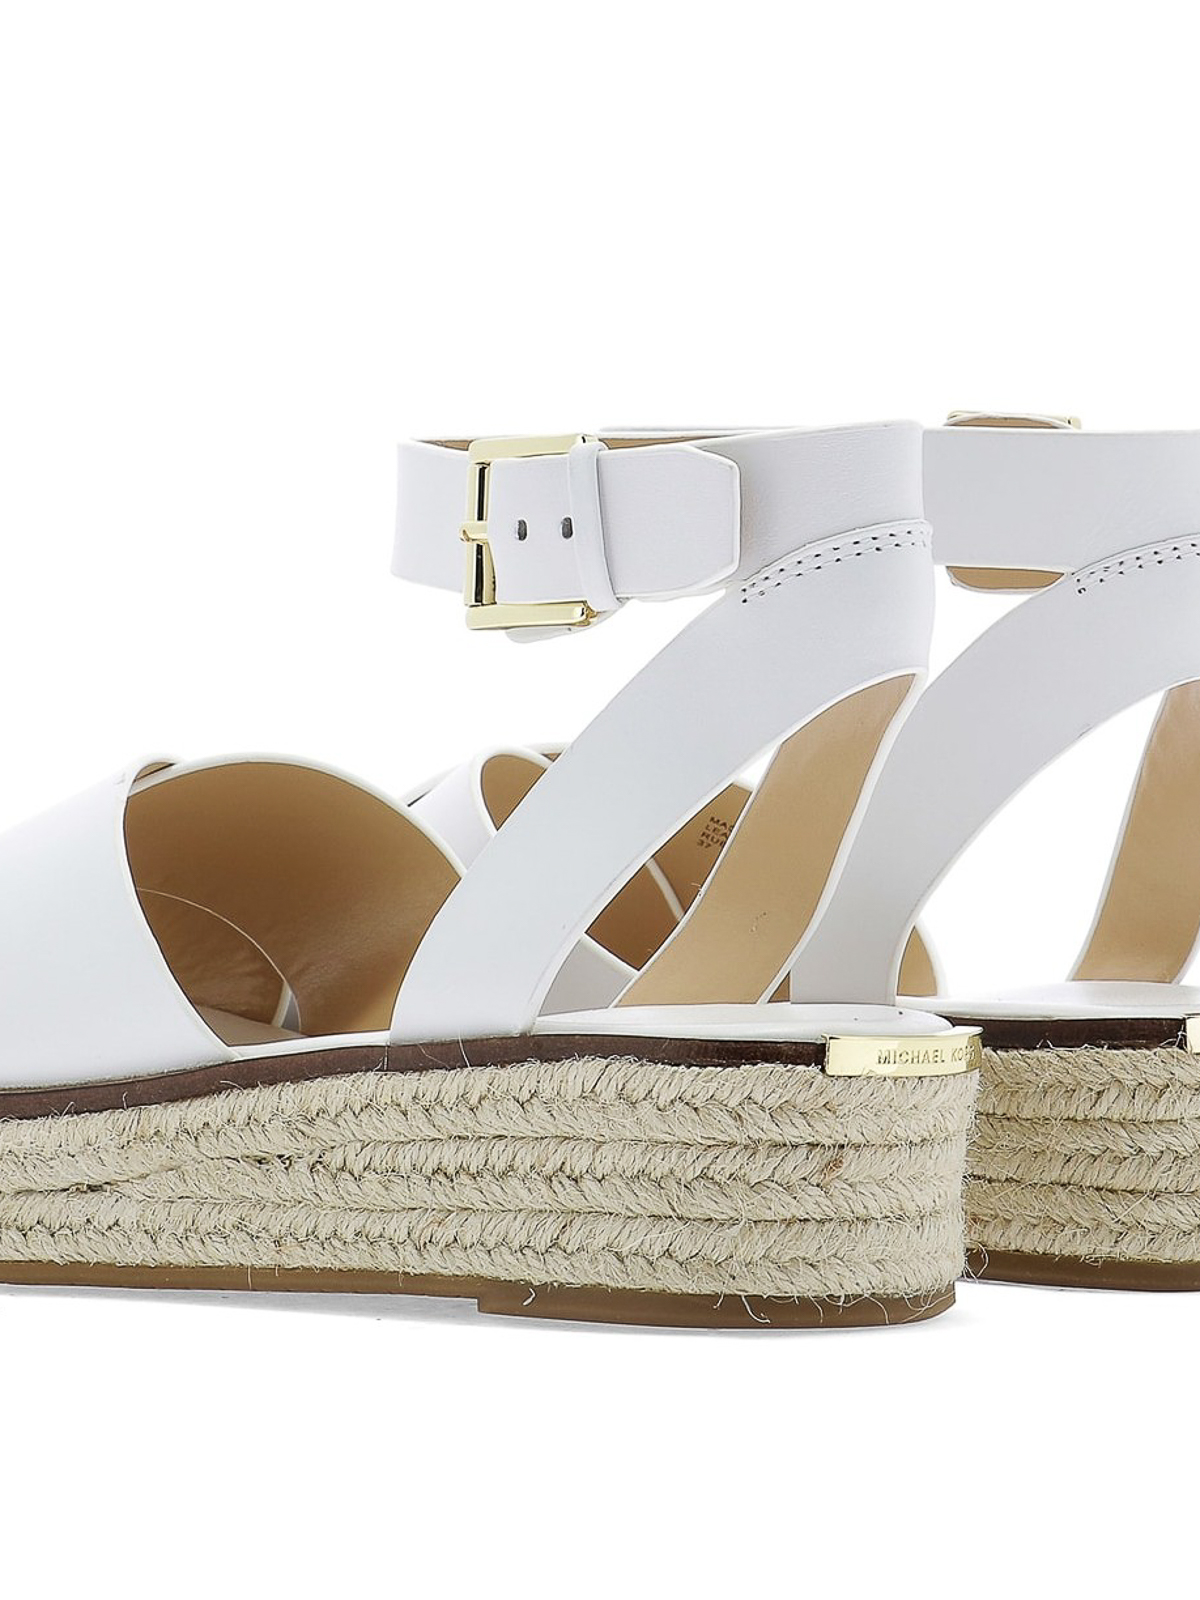 Sandali bianchi donna michael kors, Collezione estate 2020